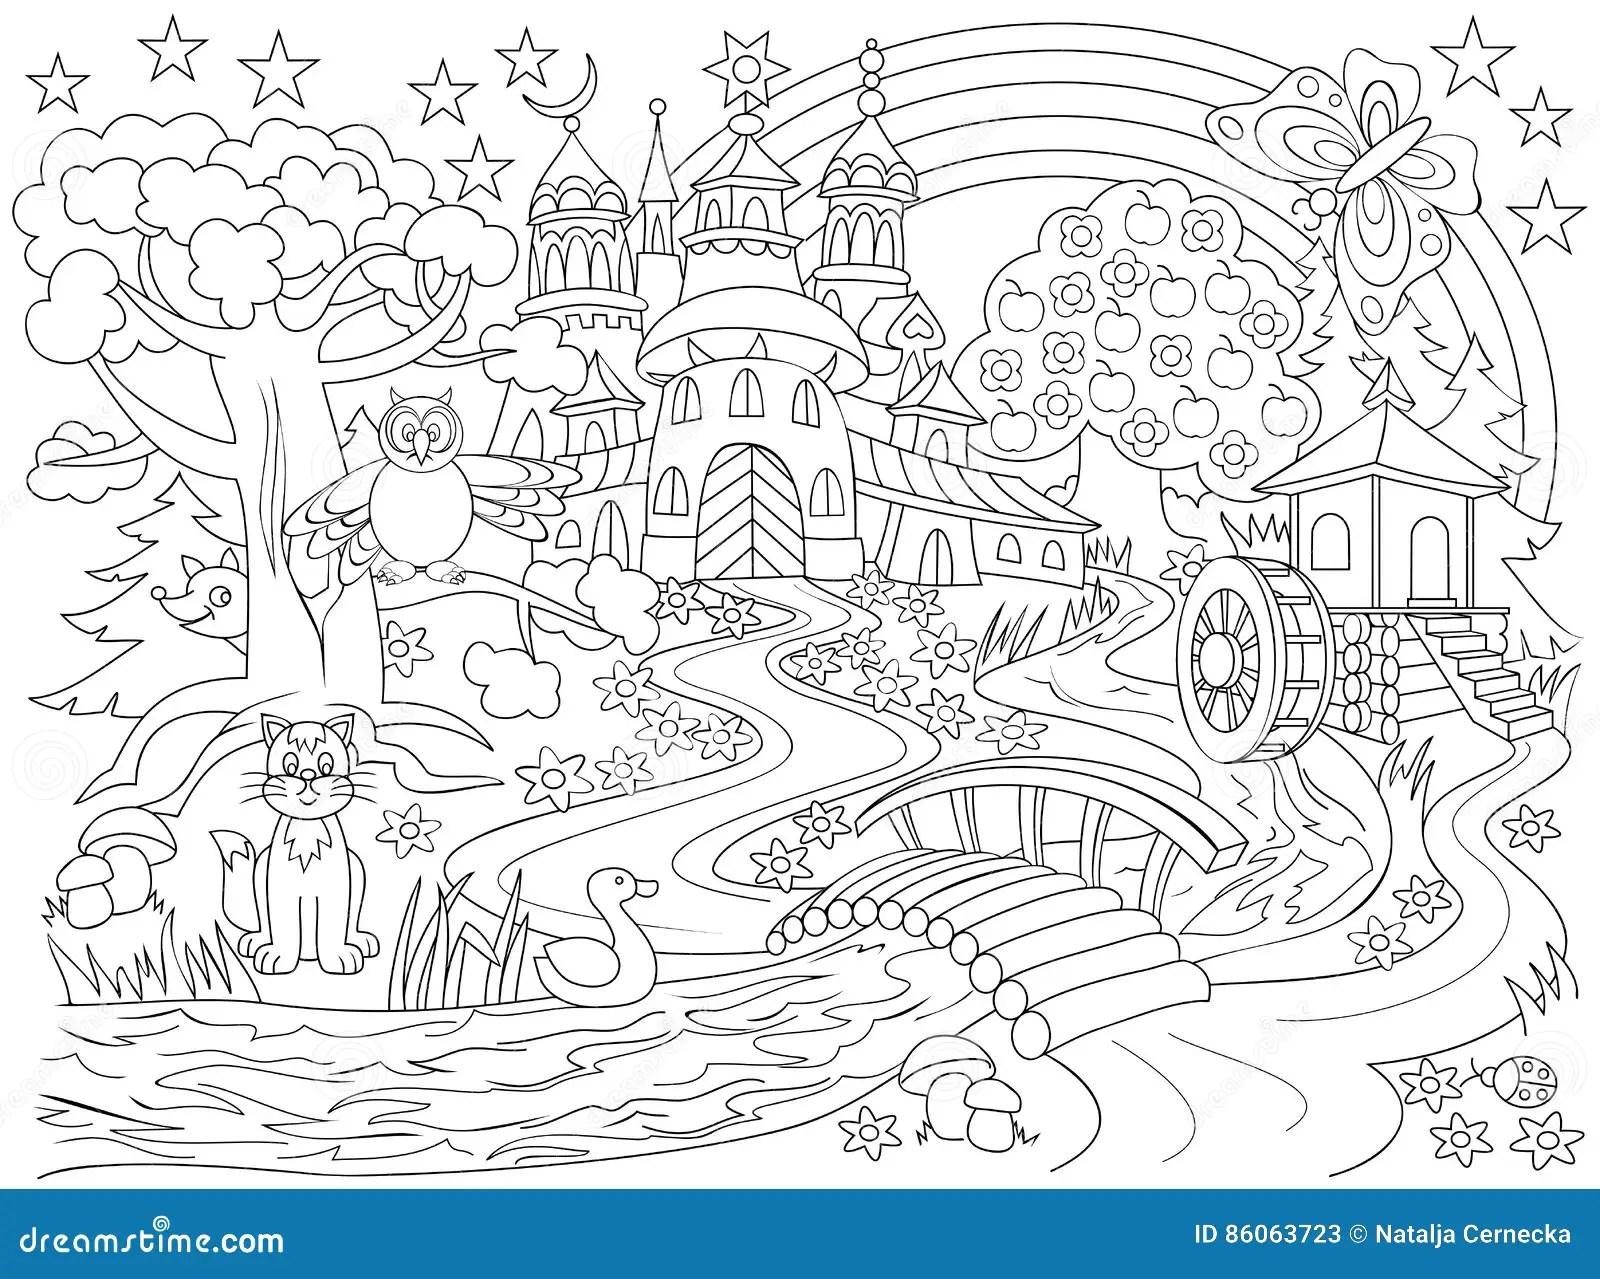 Desenho Preto E Branco Do Pais Do Mundo Das Fadas Castelo Me Val Na Floresta Magica Para